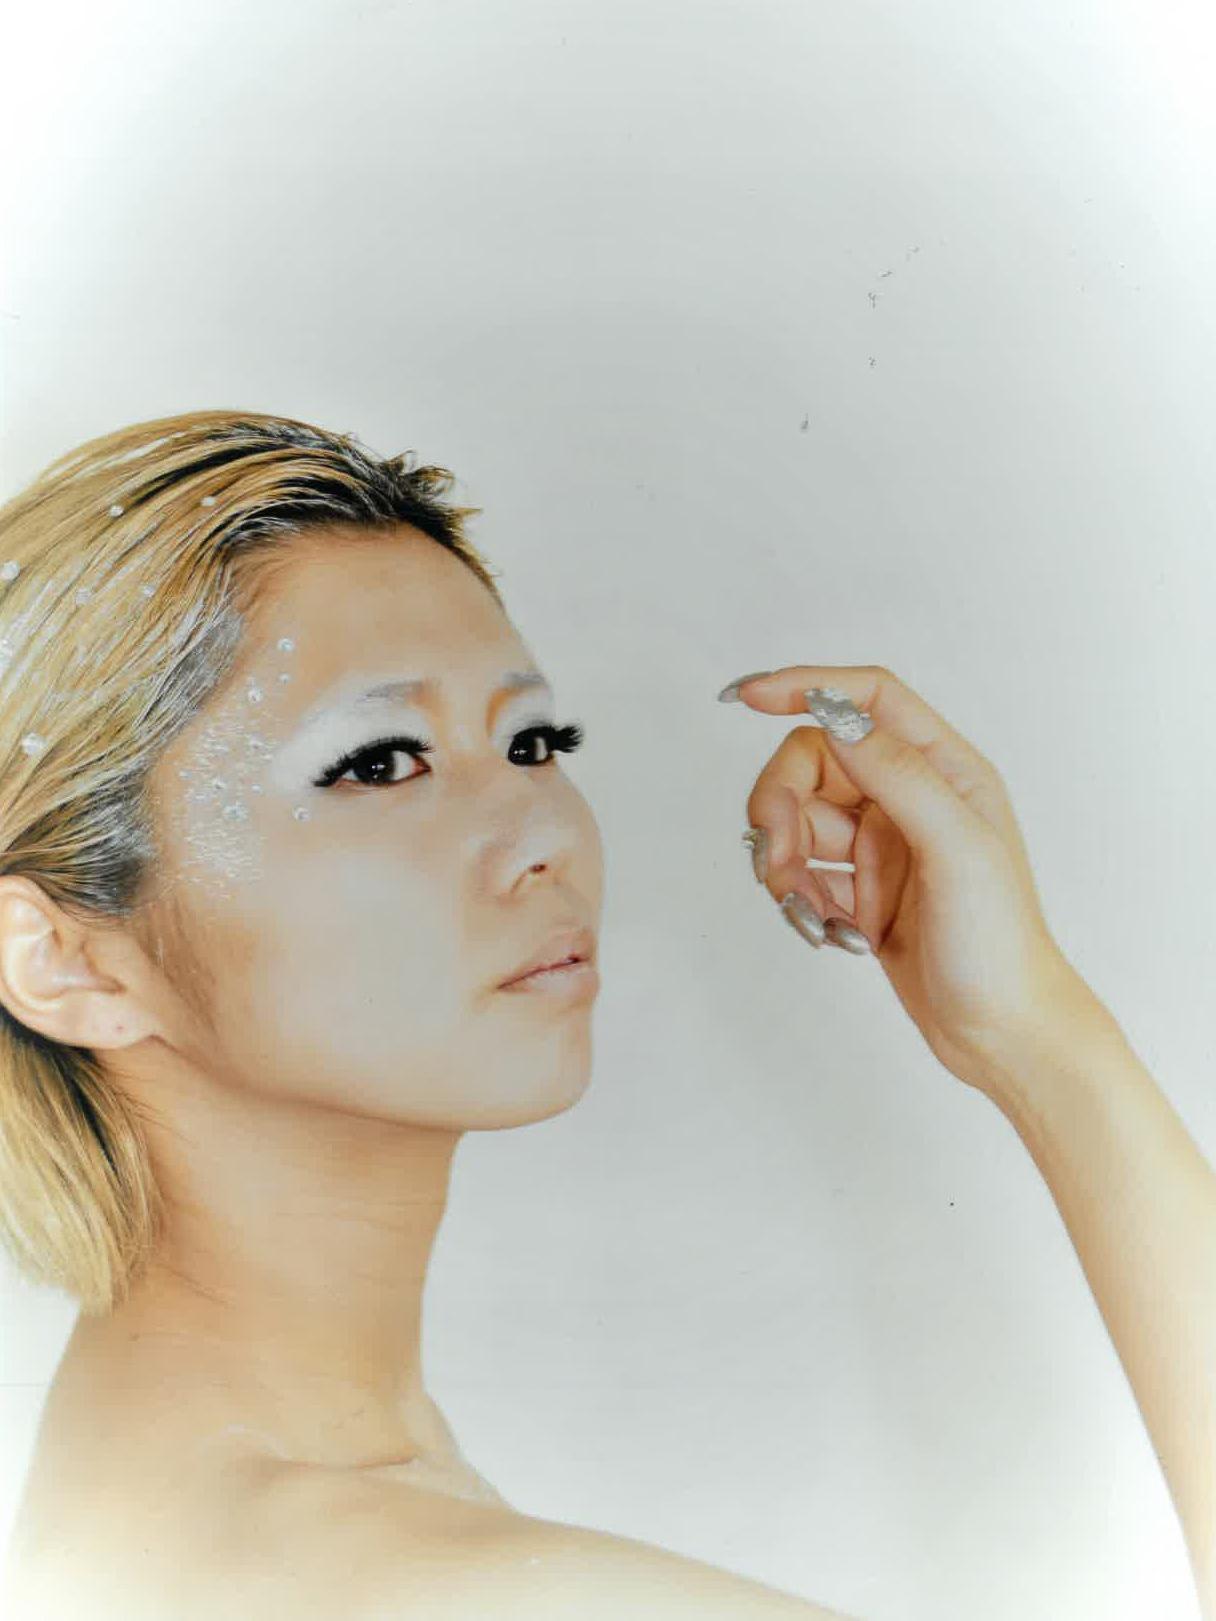 池田 樹音さんの作品画像